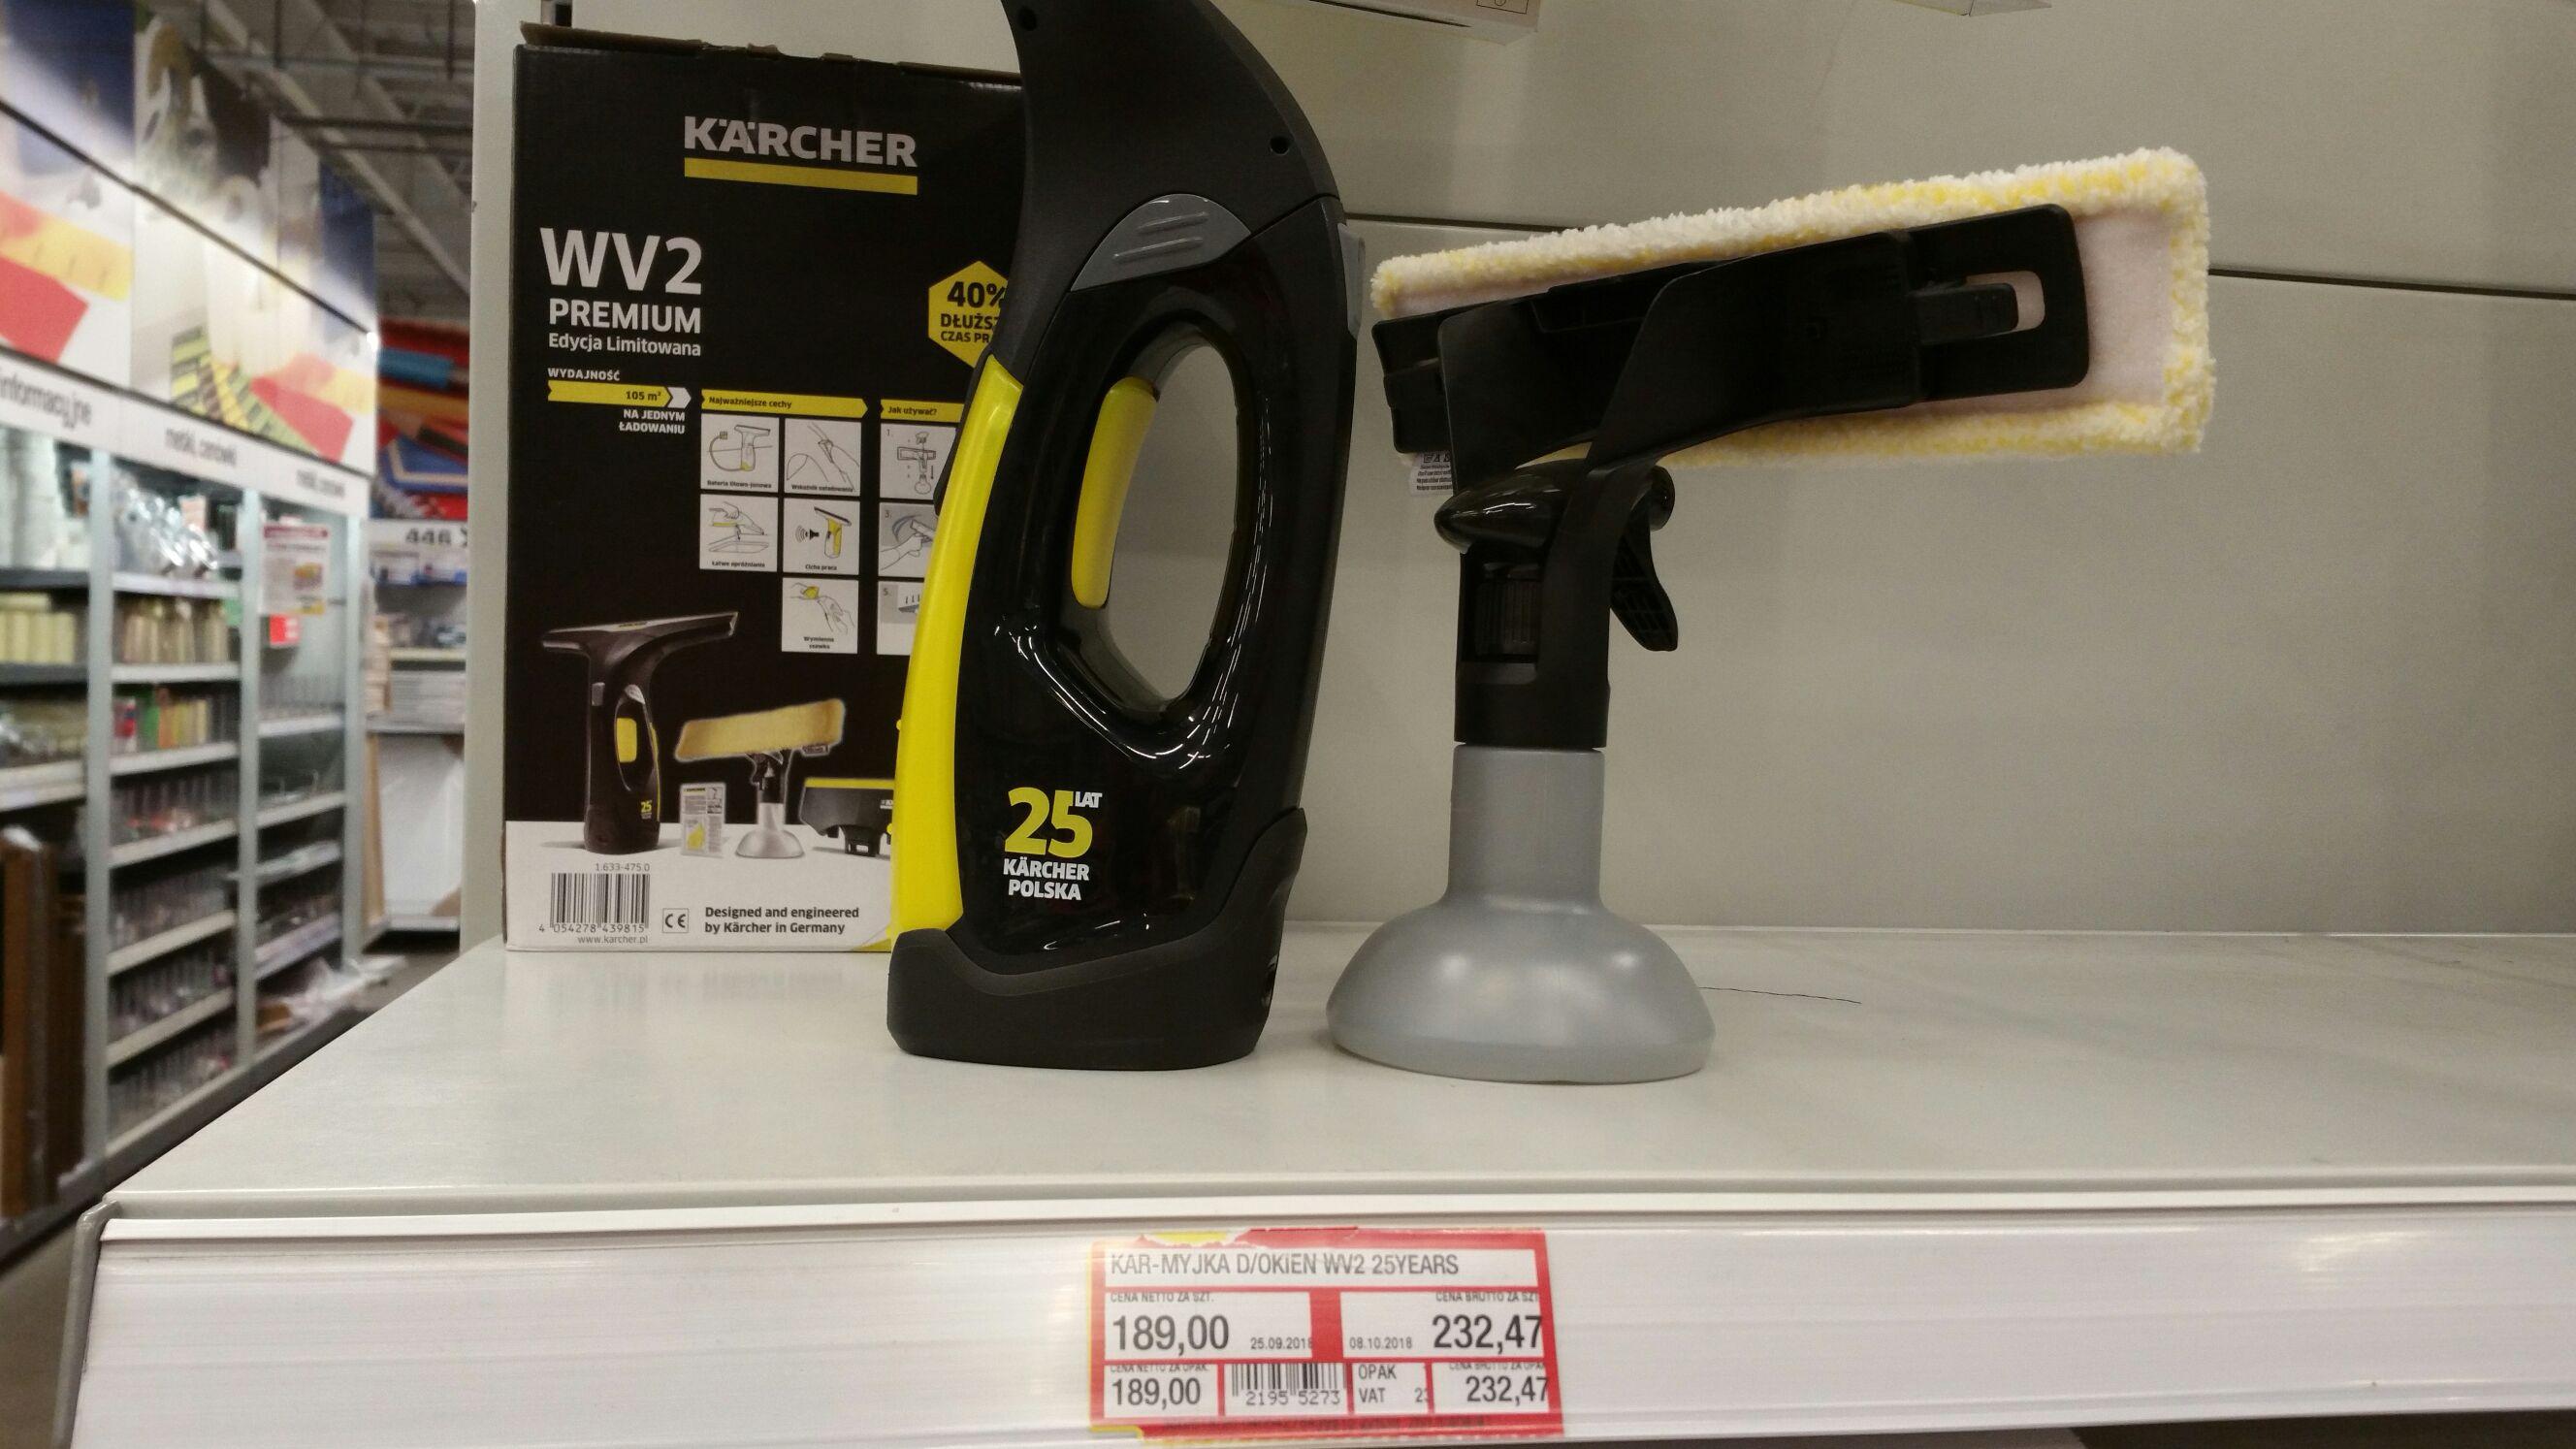 Myjka do szyb Karcher WV 2 Premium Edycja Limitowana @ Makro (Warszawa)